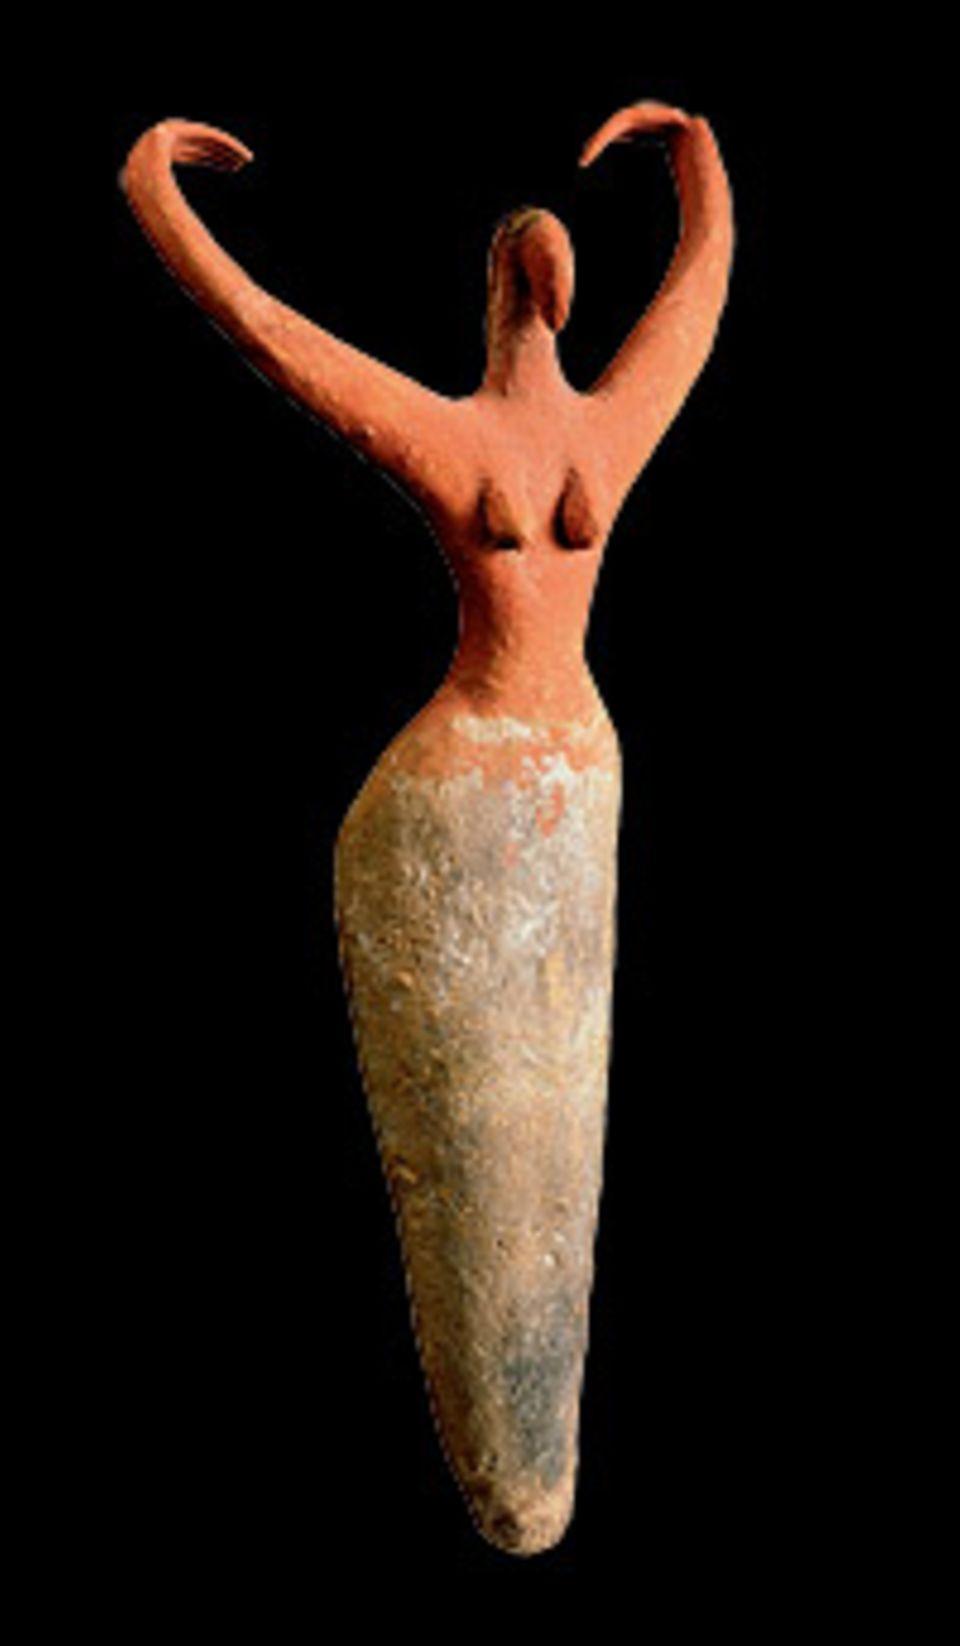 GEO EPOCHE Edition: Die Arme in die Höhe gestreckt, den Unterleib von einem Rock verhüllt, stellt diese Frauenfigur vermutlich eine Trauernde dar. Sie wird um 3400 v. Chr. aus bemalter Keramik gefertigt und einer Person mit ins Grab gelegt